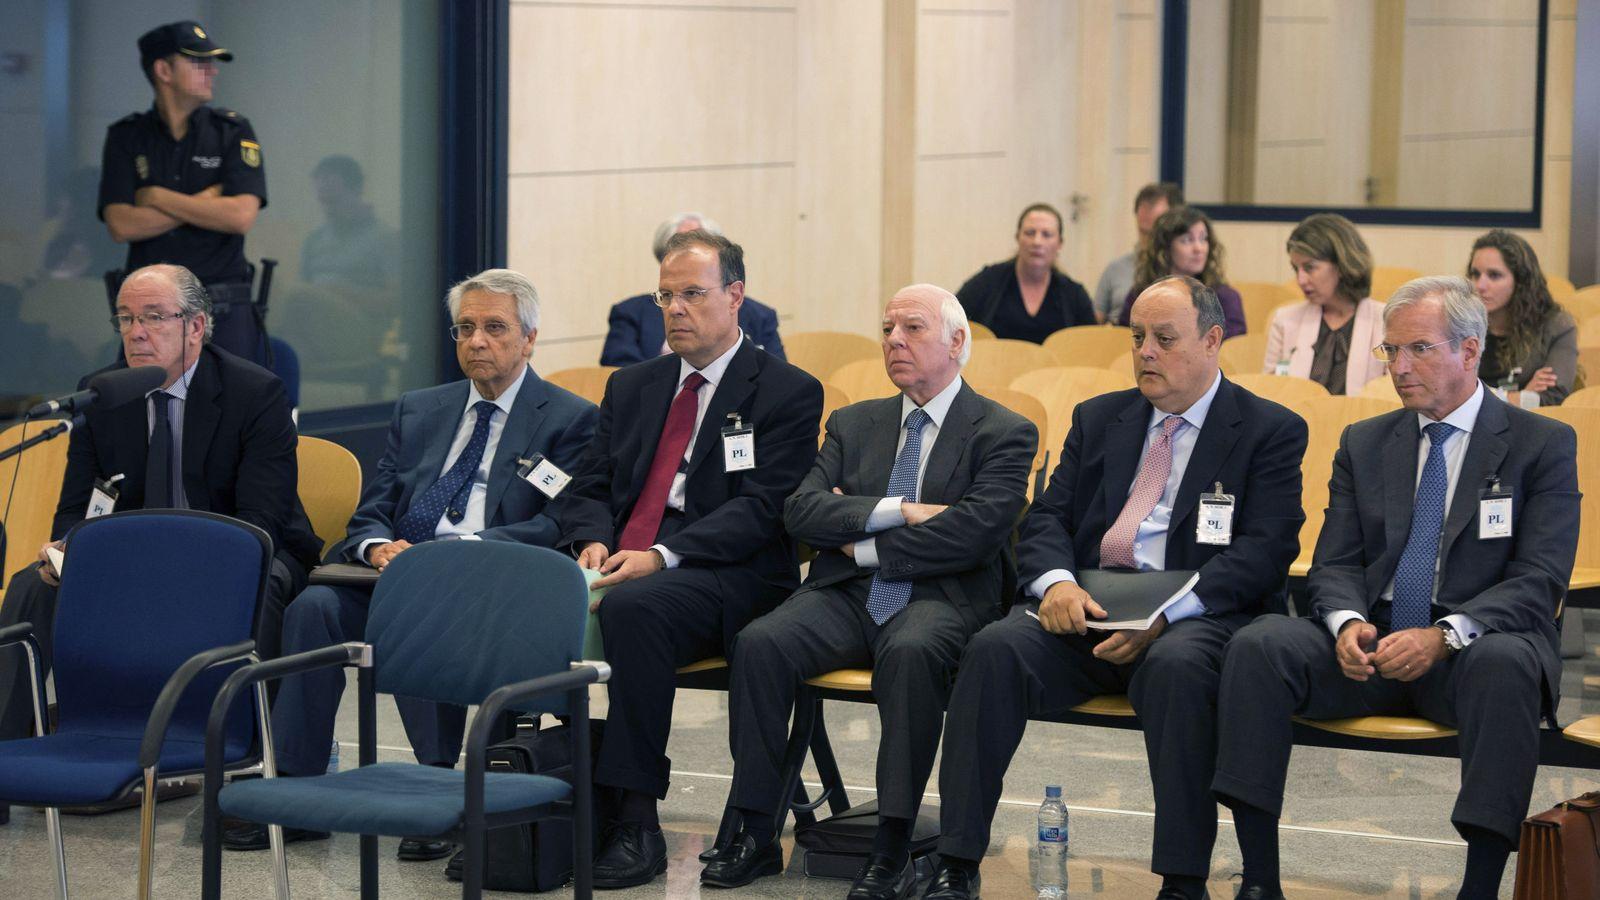 Foto: Gregorio Gorriarán (1i) y el ex director general José Luis Pego (3i), con otros acusados del caso. (EFE)